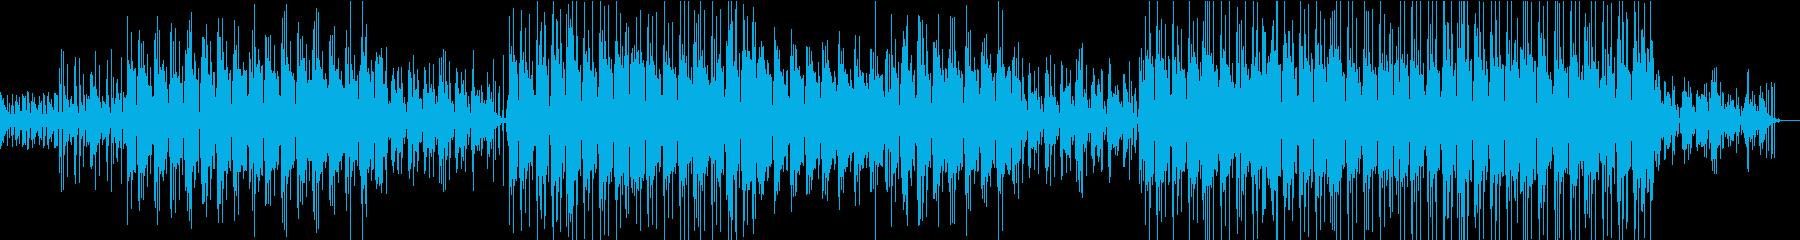 浮遊感のあるギターのヒップホップ的音楽の再生済みの波形